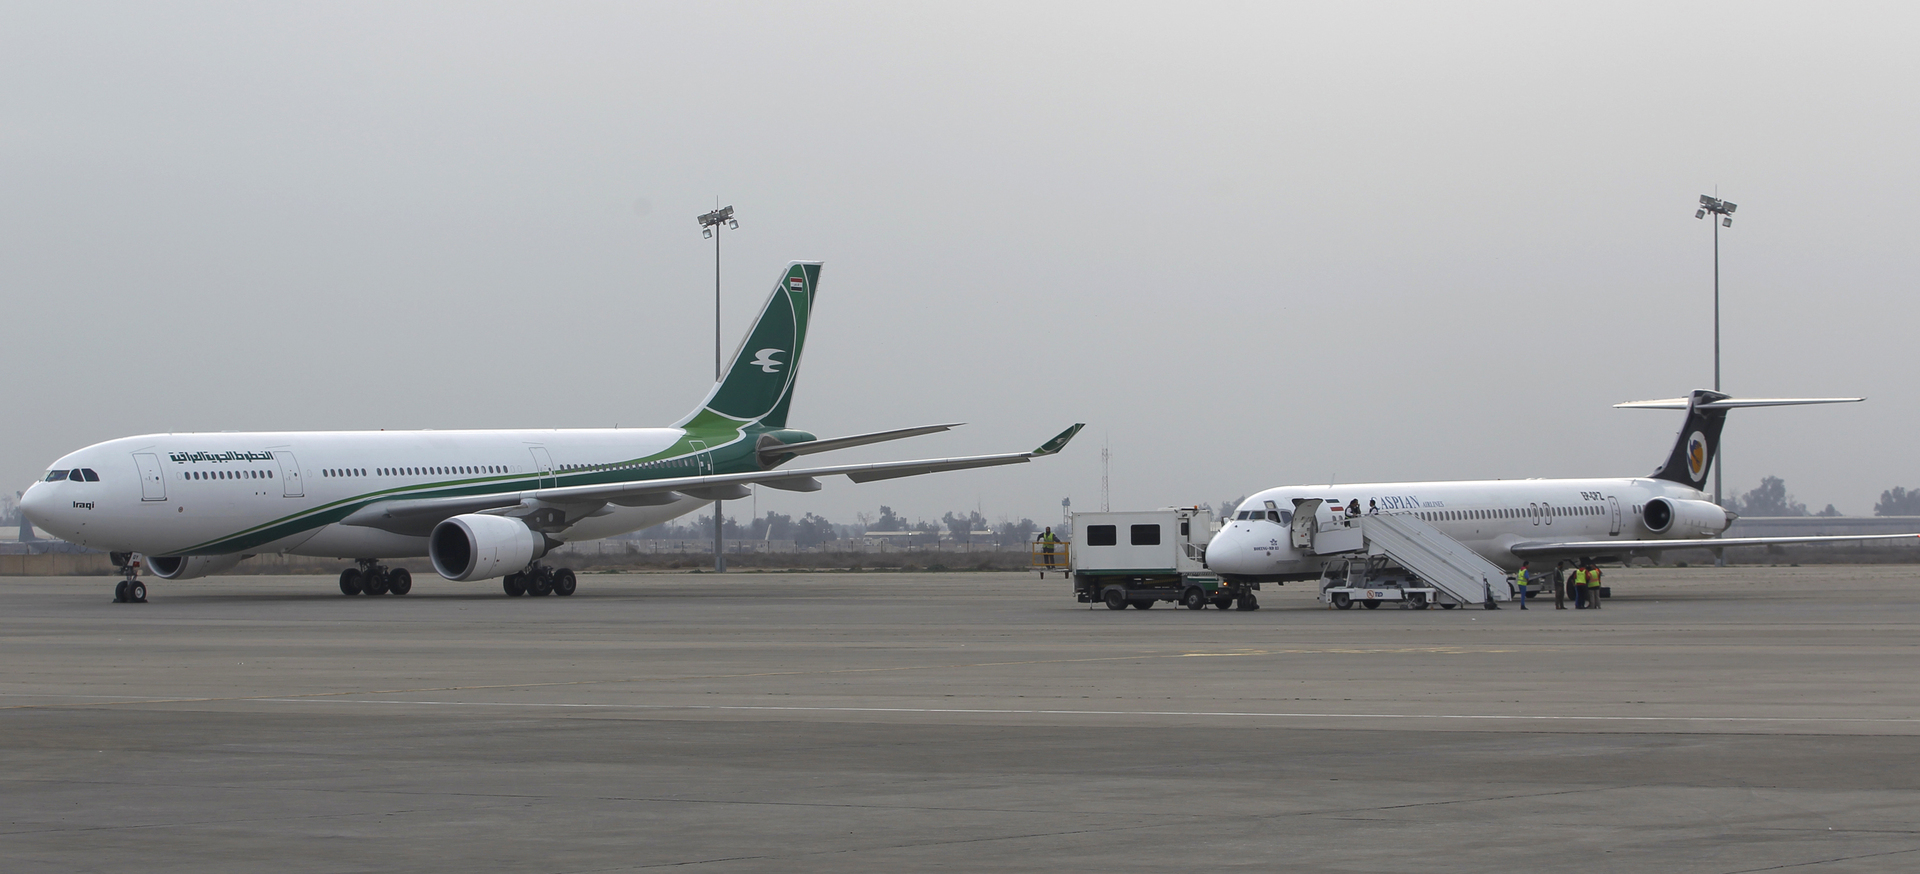 العراق: تركيا علقت رحلاتها الجوية معنا بتوصيات من سلطاتها الصحية